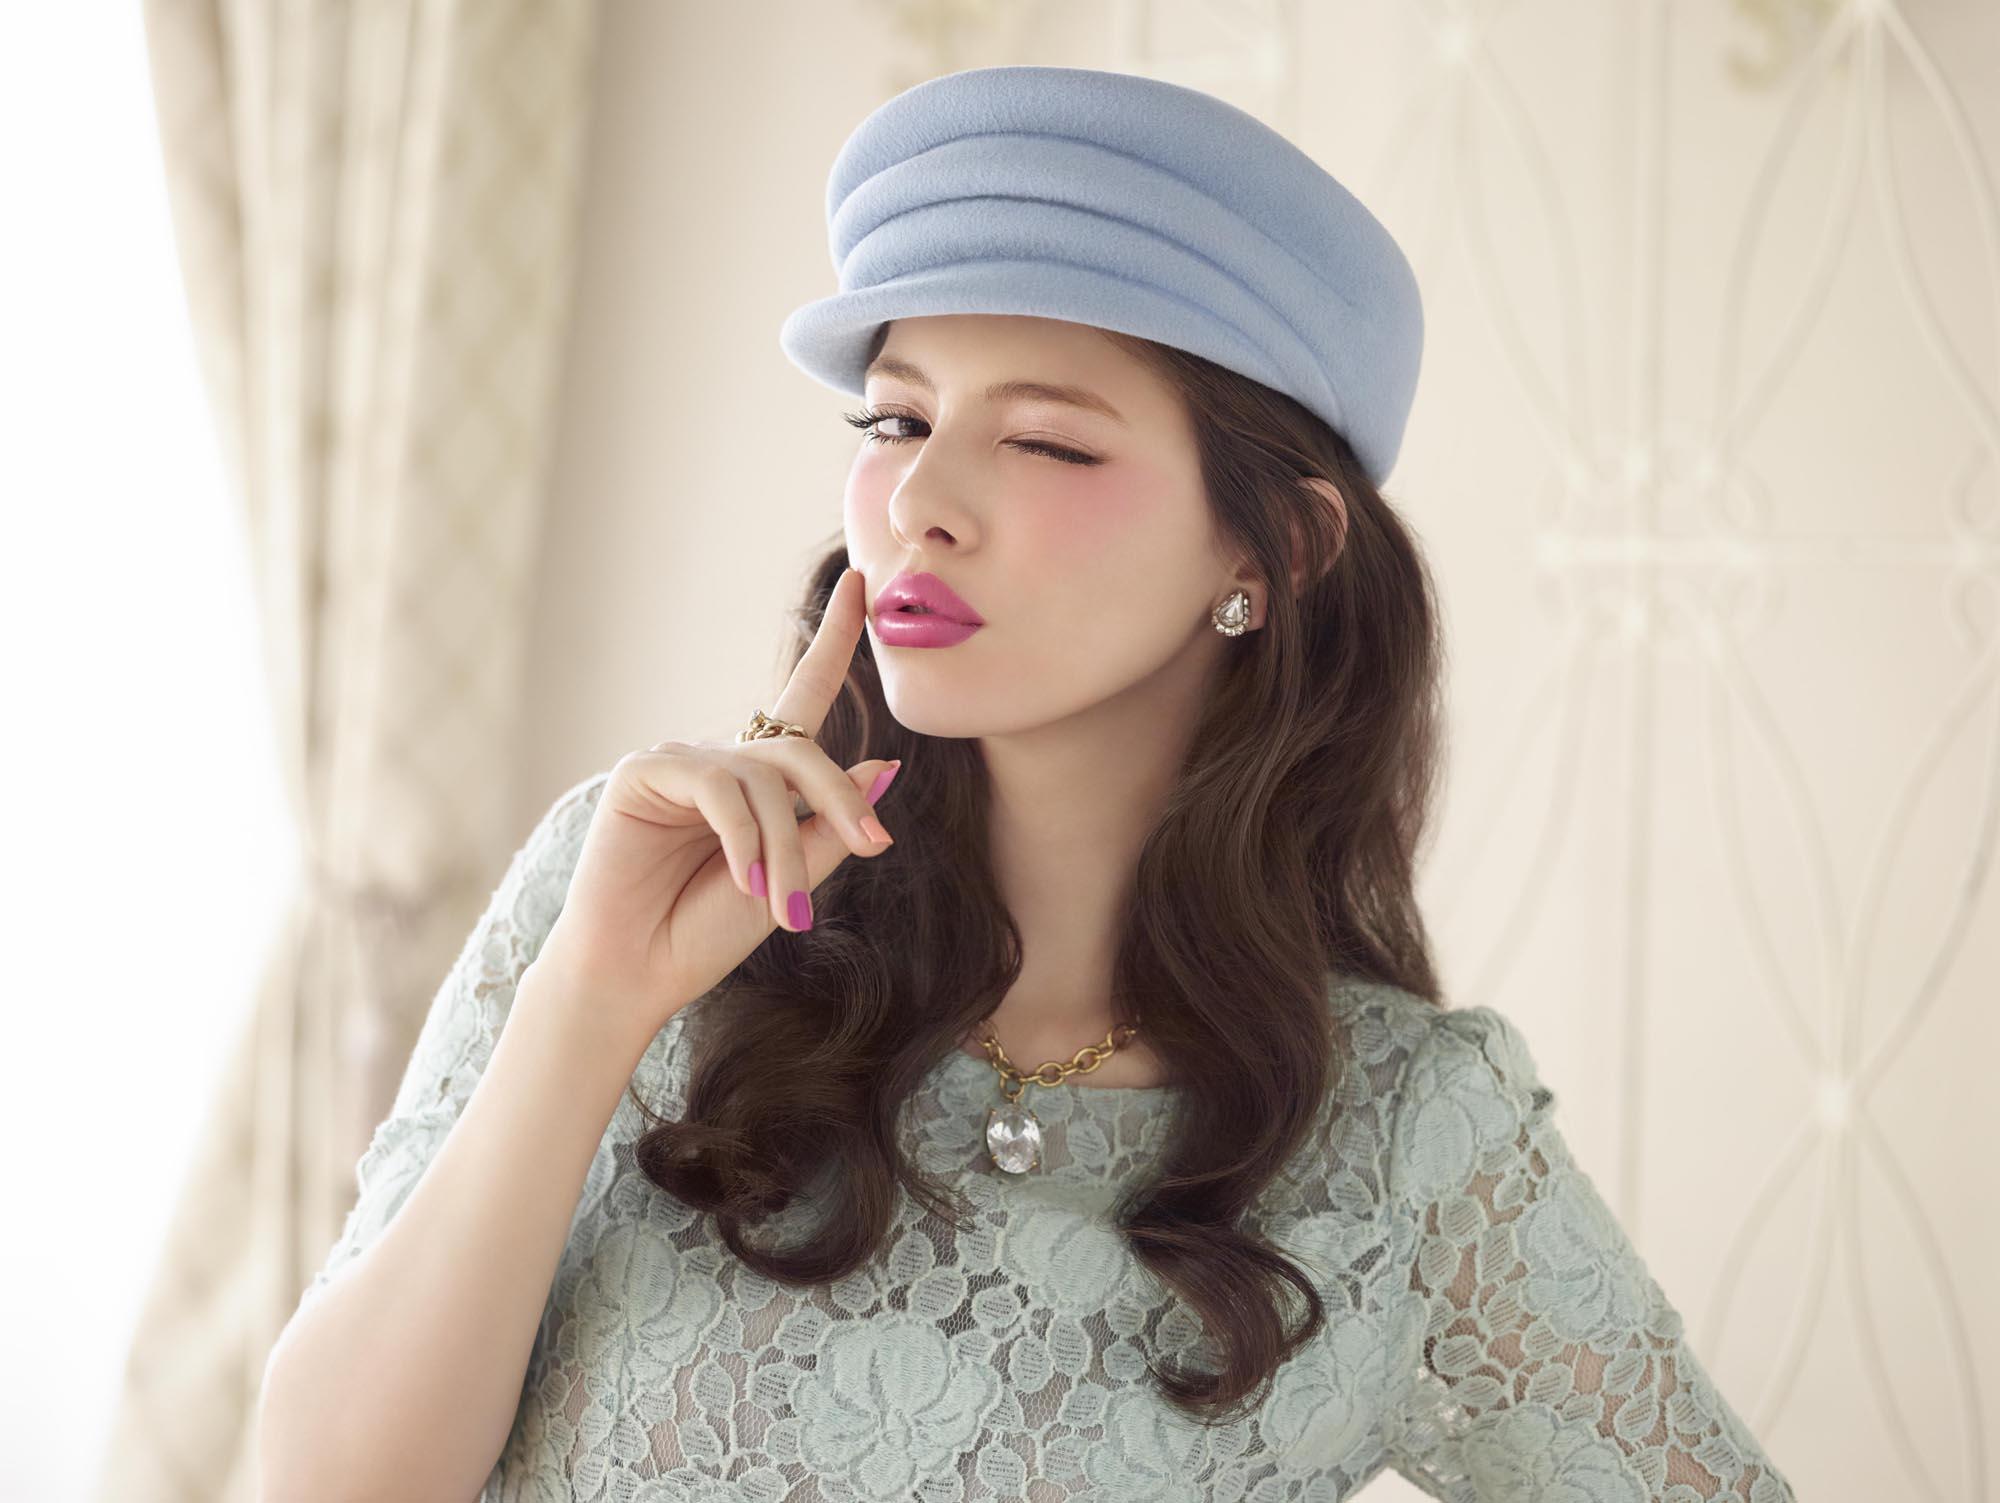 女子の必須アイテム「リップ」!人気ブランドのおすすめリップ特集のサムネイル画像